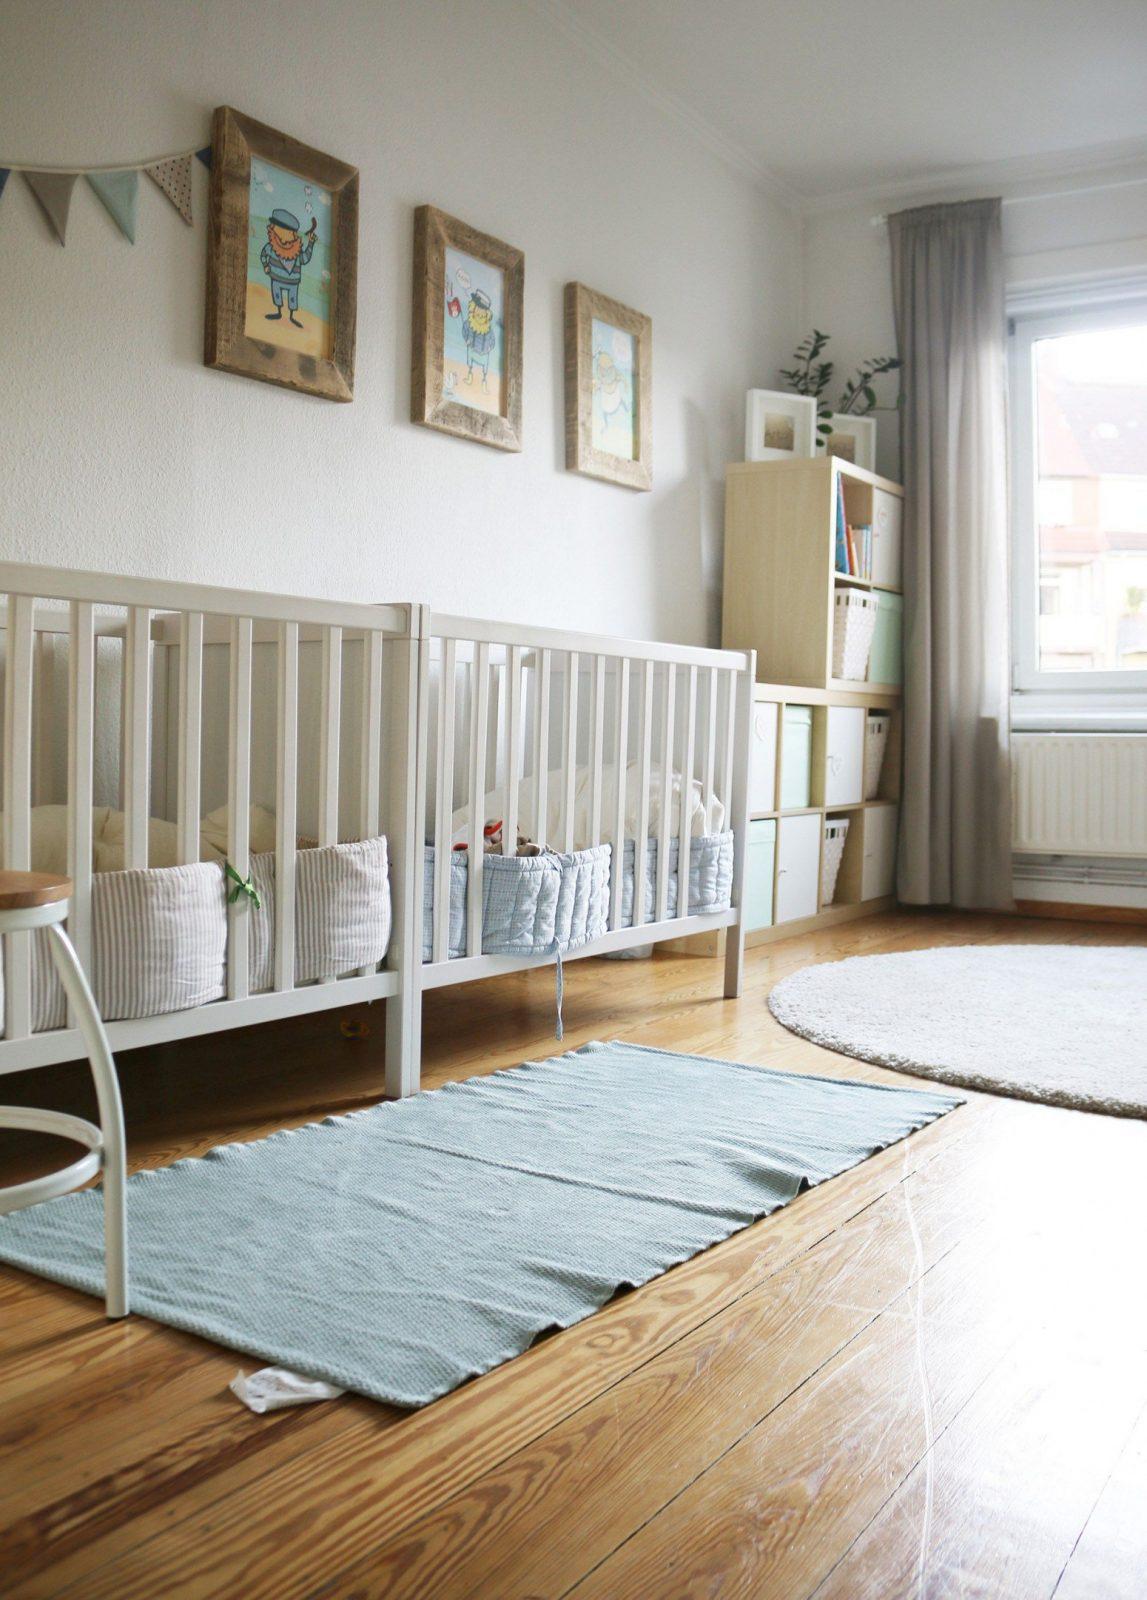 Duschgedanken  Wer Braucht Schon Ein Kinderzimmer  Kinder von Babyzimmer Zwillinge Komplett Photo